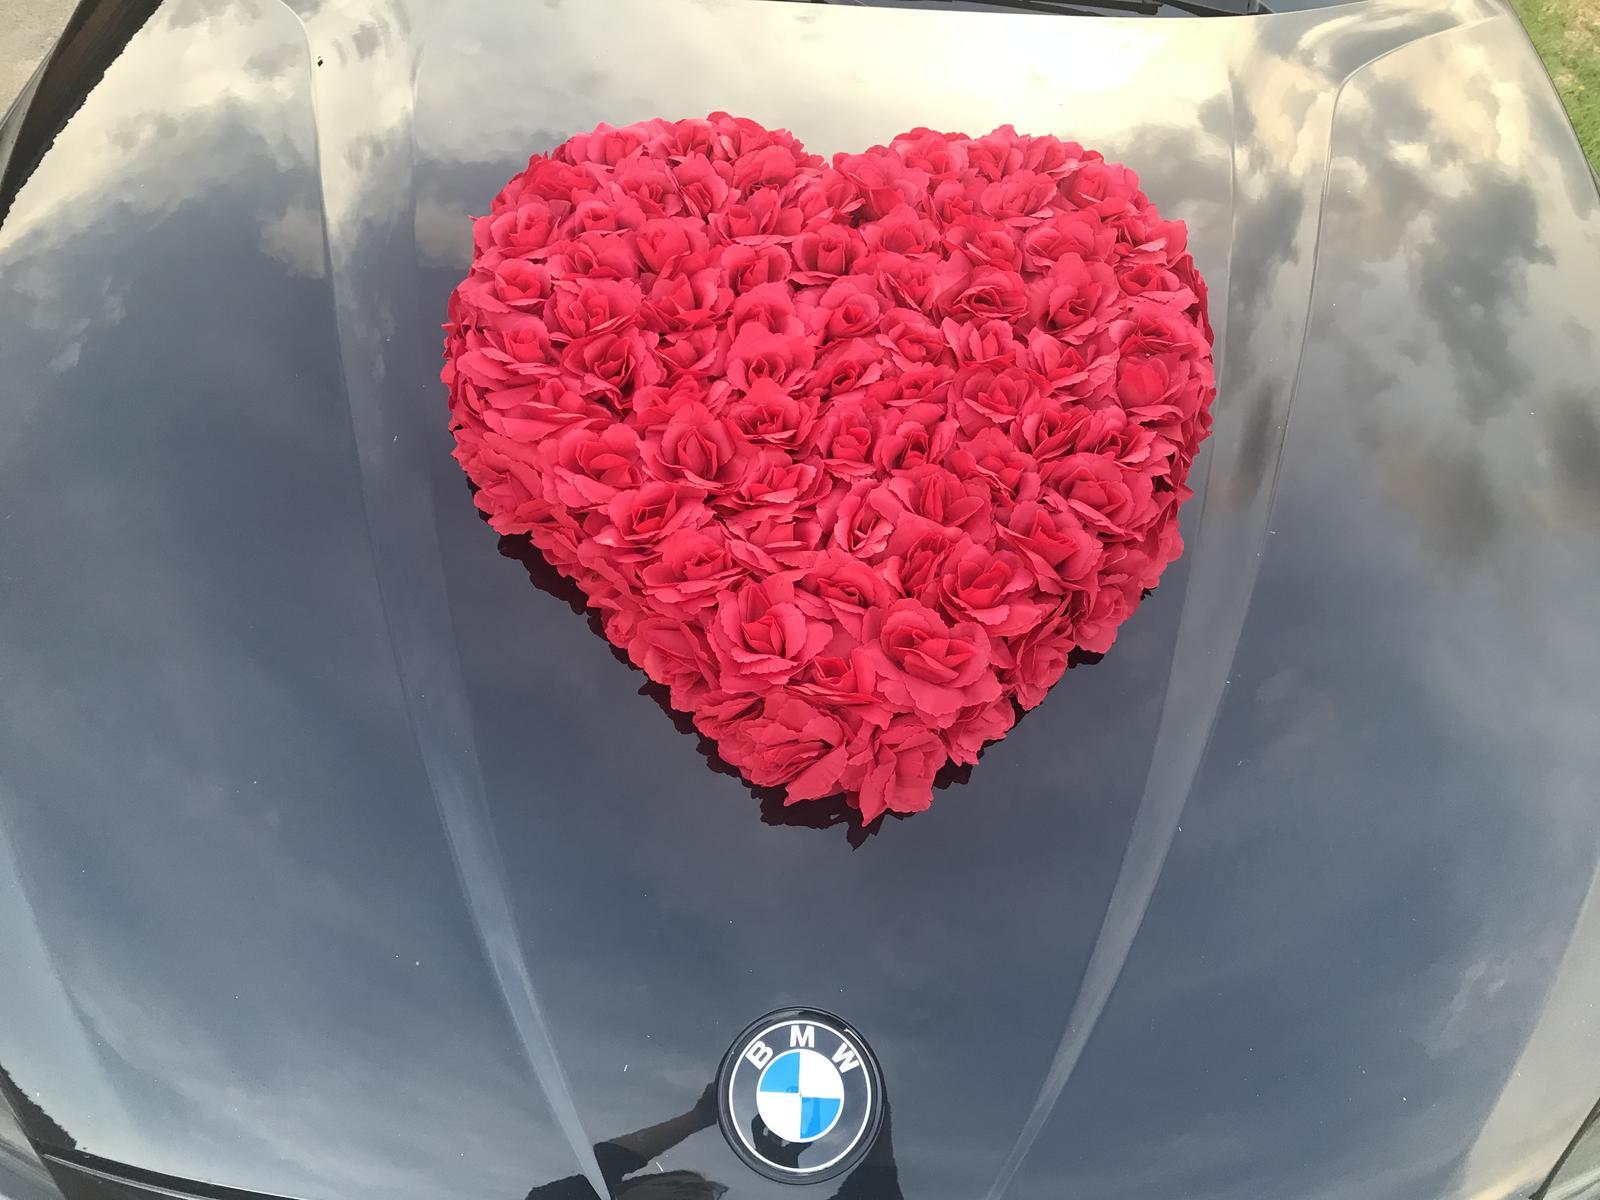 Srdce na auto na prenájom - Obrázok č. 4